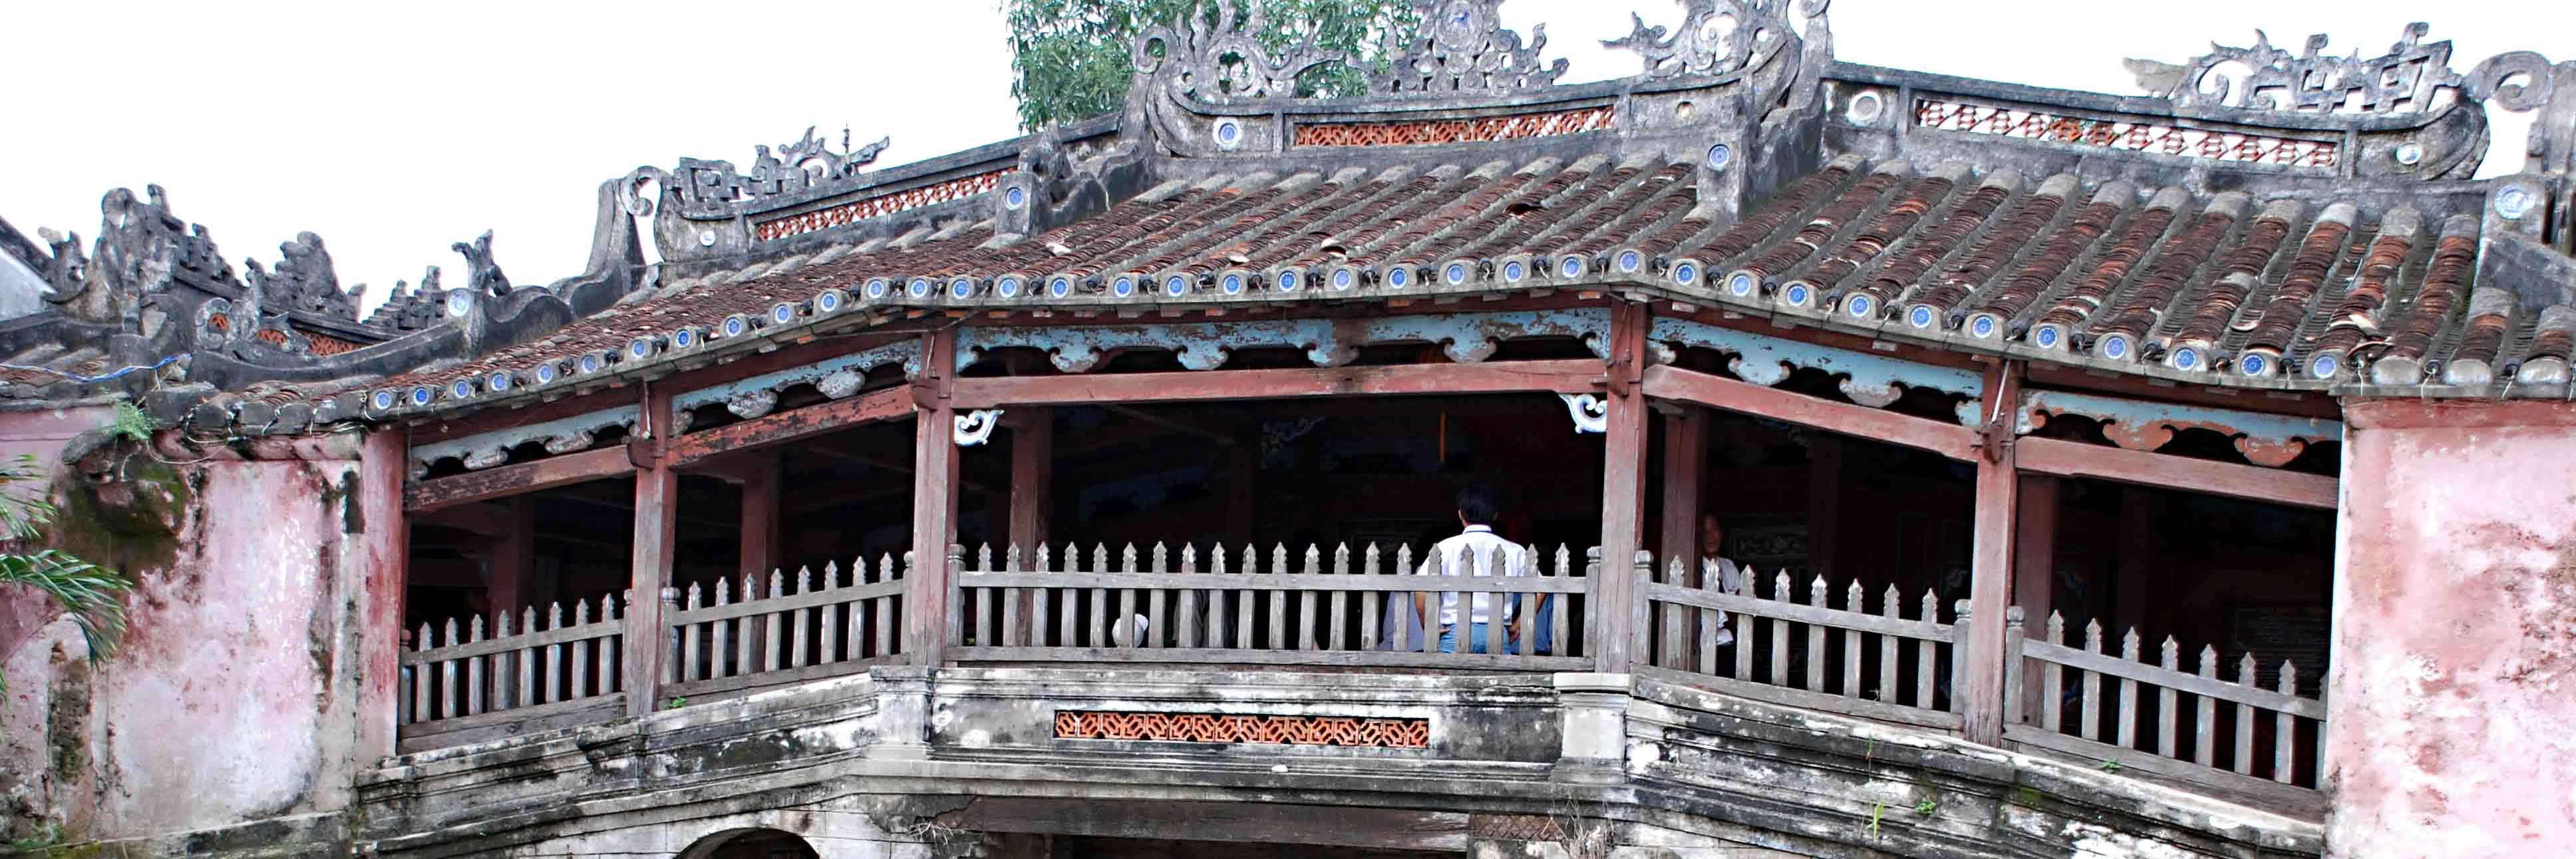 Vietnam Erlebnisreise